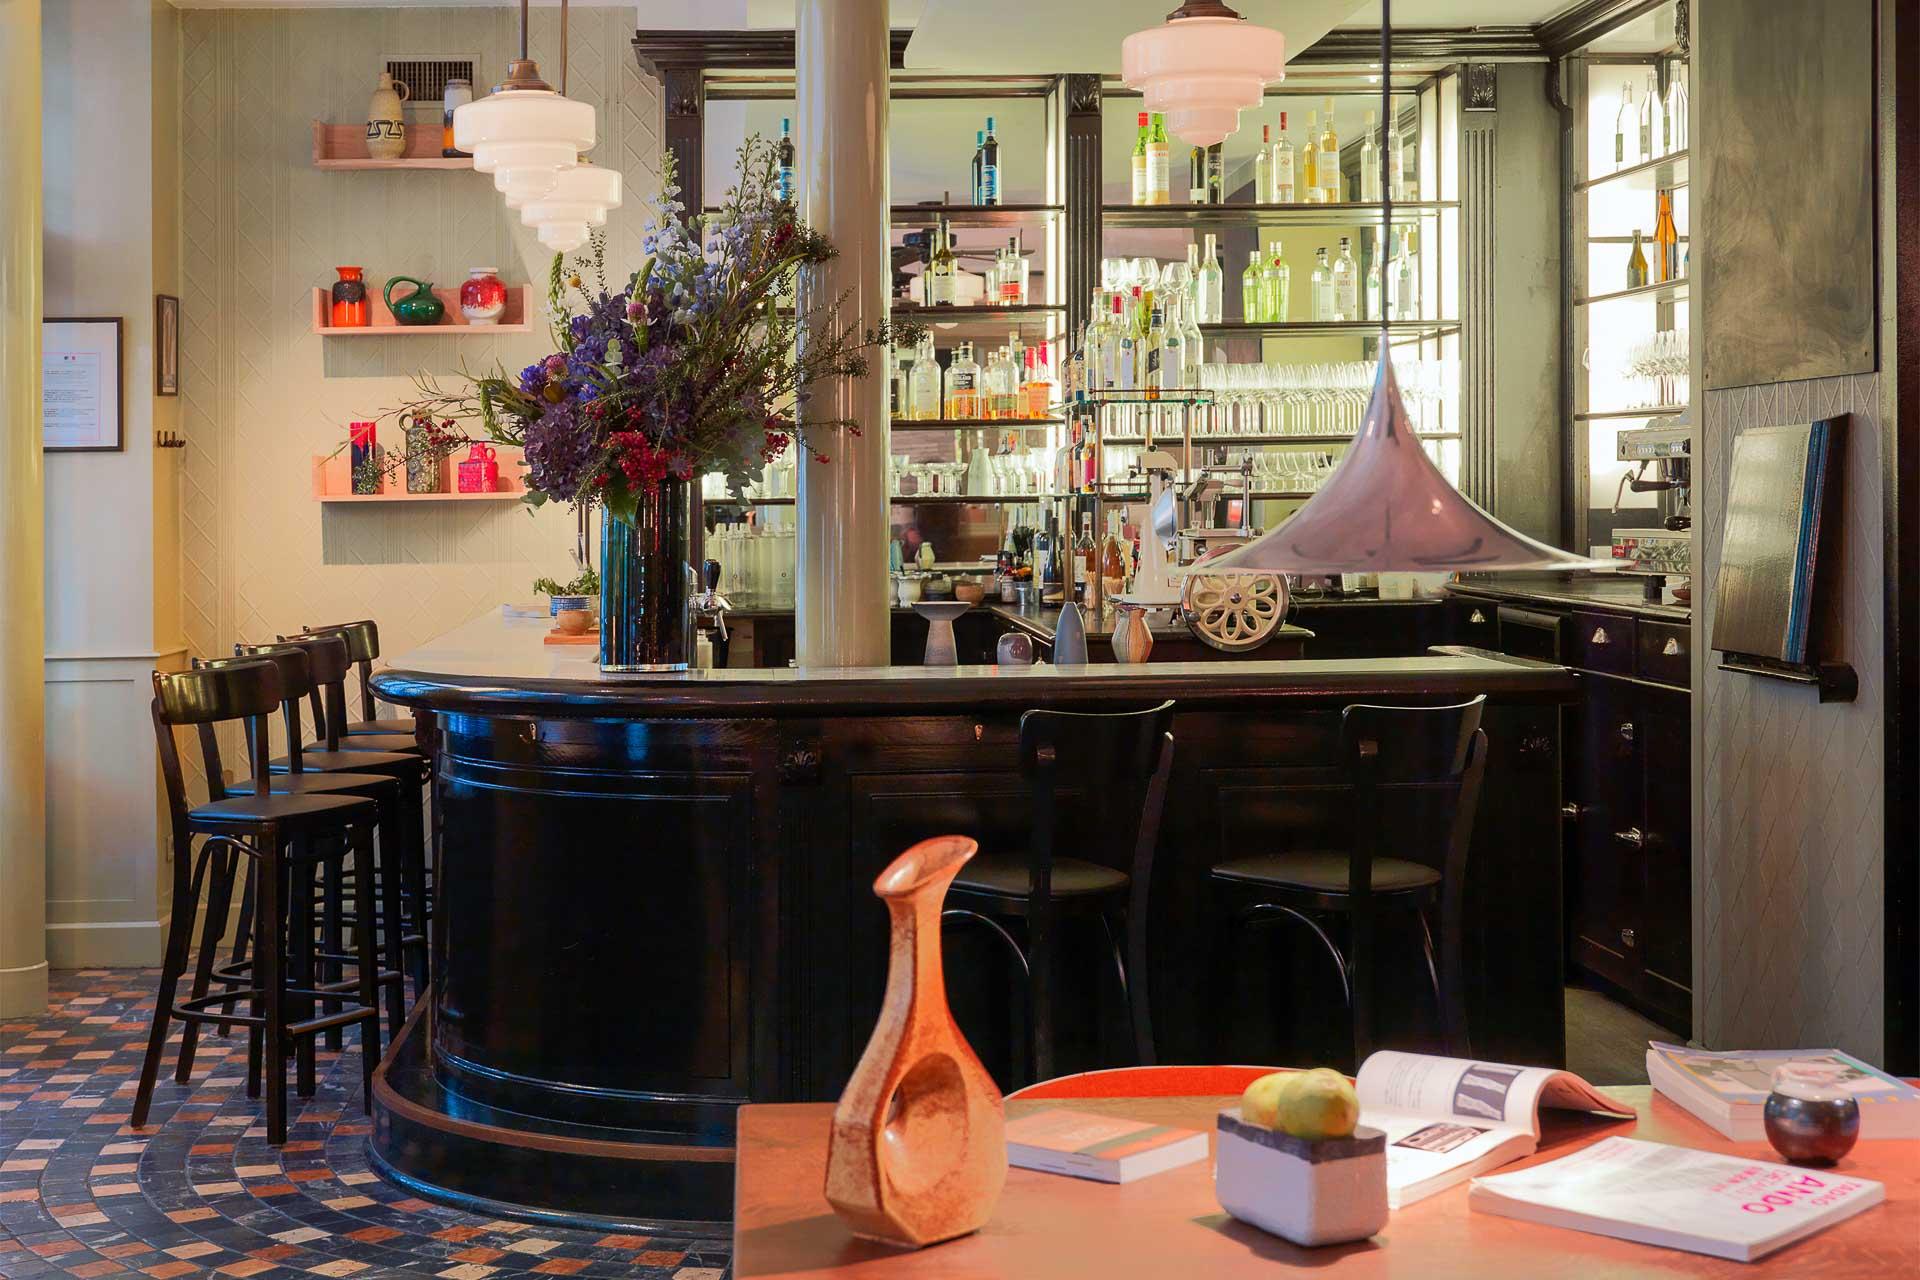 Les saisons se suivent et se ressemblent à Paris. L'actualité de la scène gastronomique reste très dense avec plus d'une vingtaine d'adresses remarquées par la rédaction de YONDER. On fait le point complet sur les meilleurs nouveaux restaurants du moment à Paris.